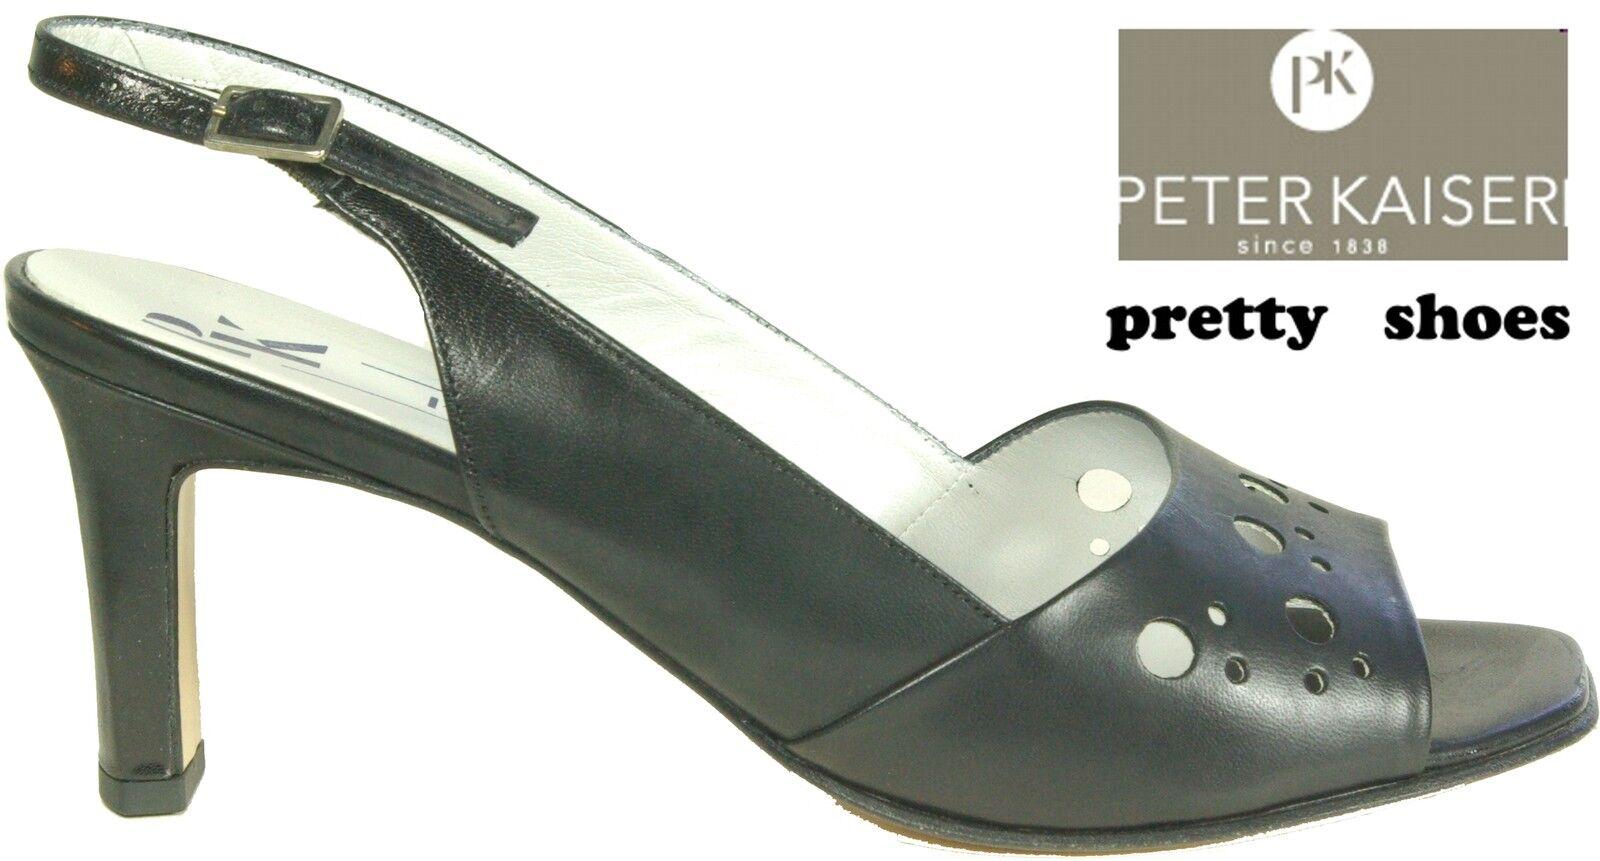 PETER KAISER Schuhe echt Sling Pumps klassisch schwarz high heel echt Schuhe Leder NEU 6d4168